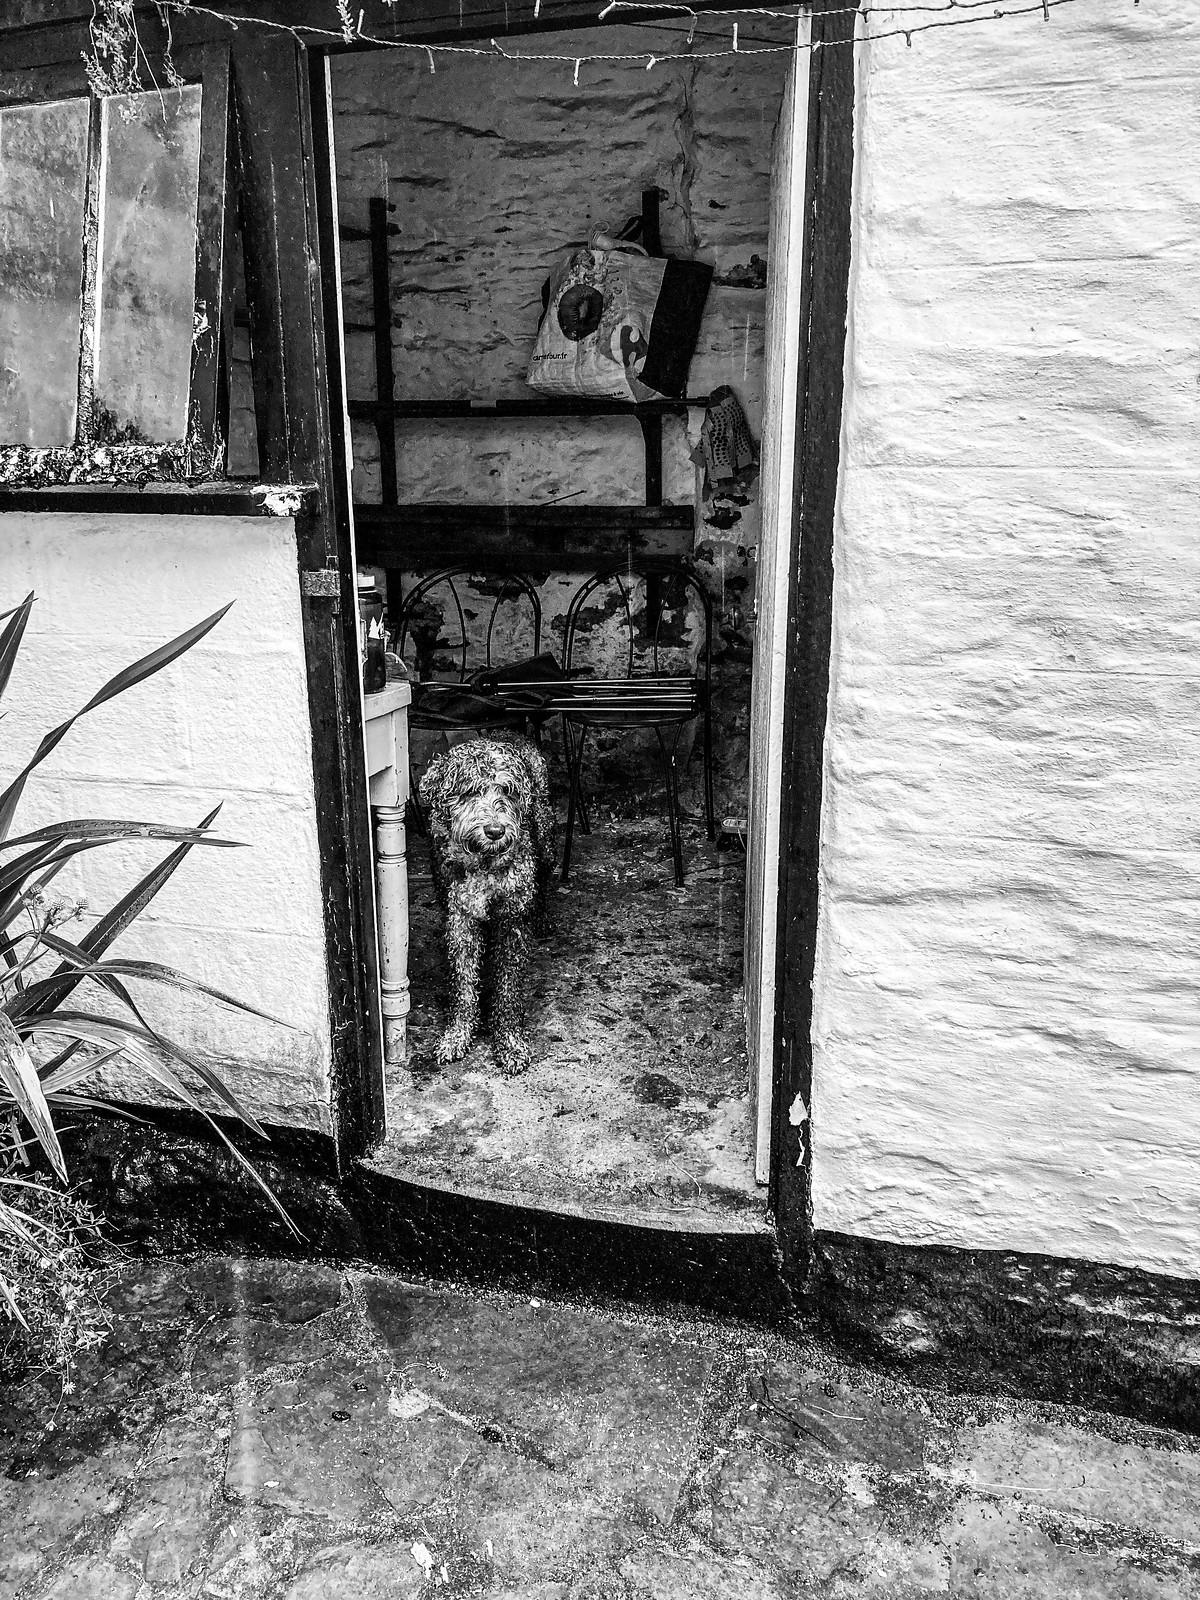 Wet dog shelter